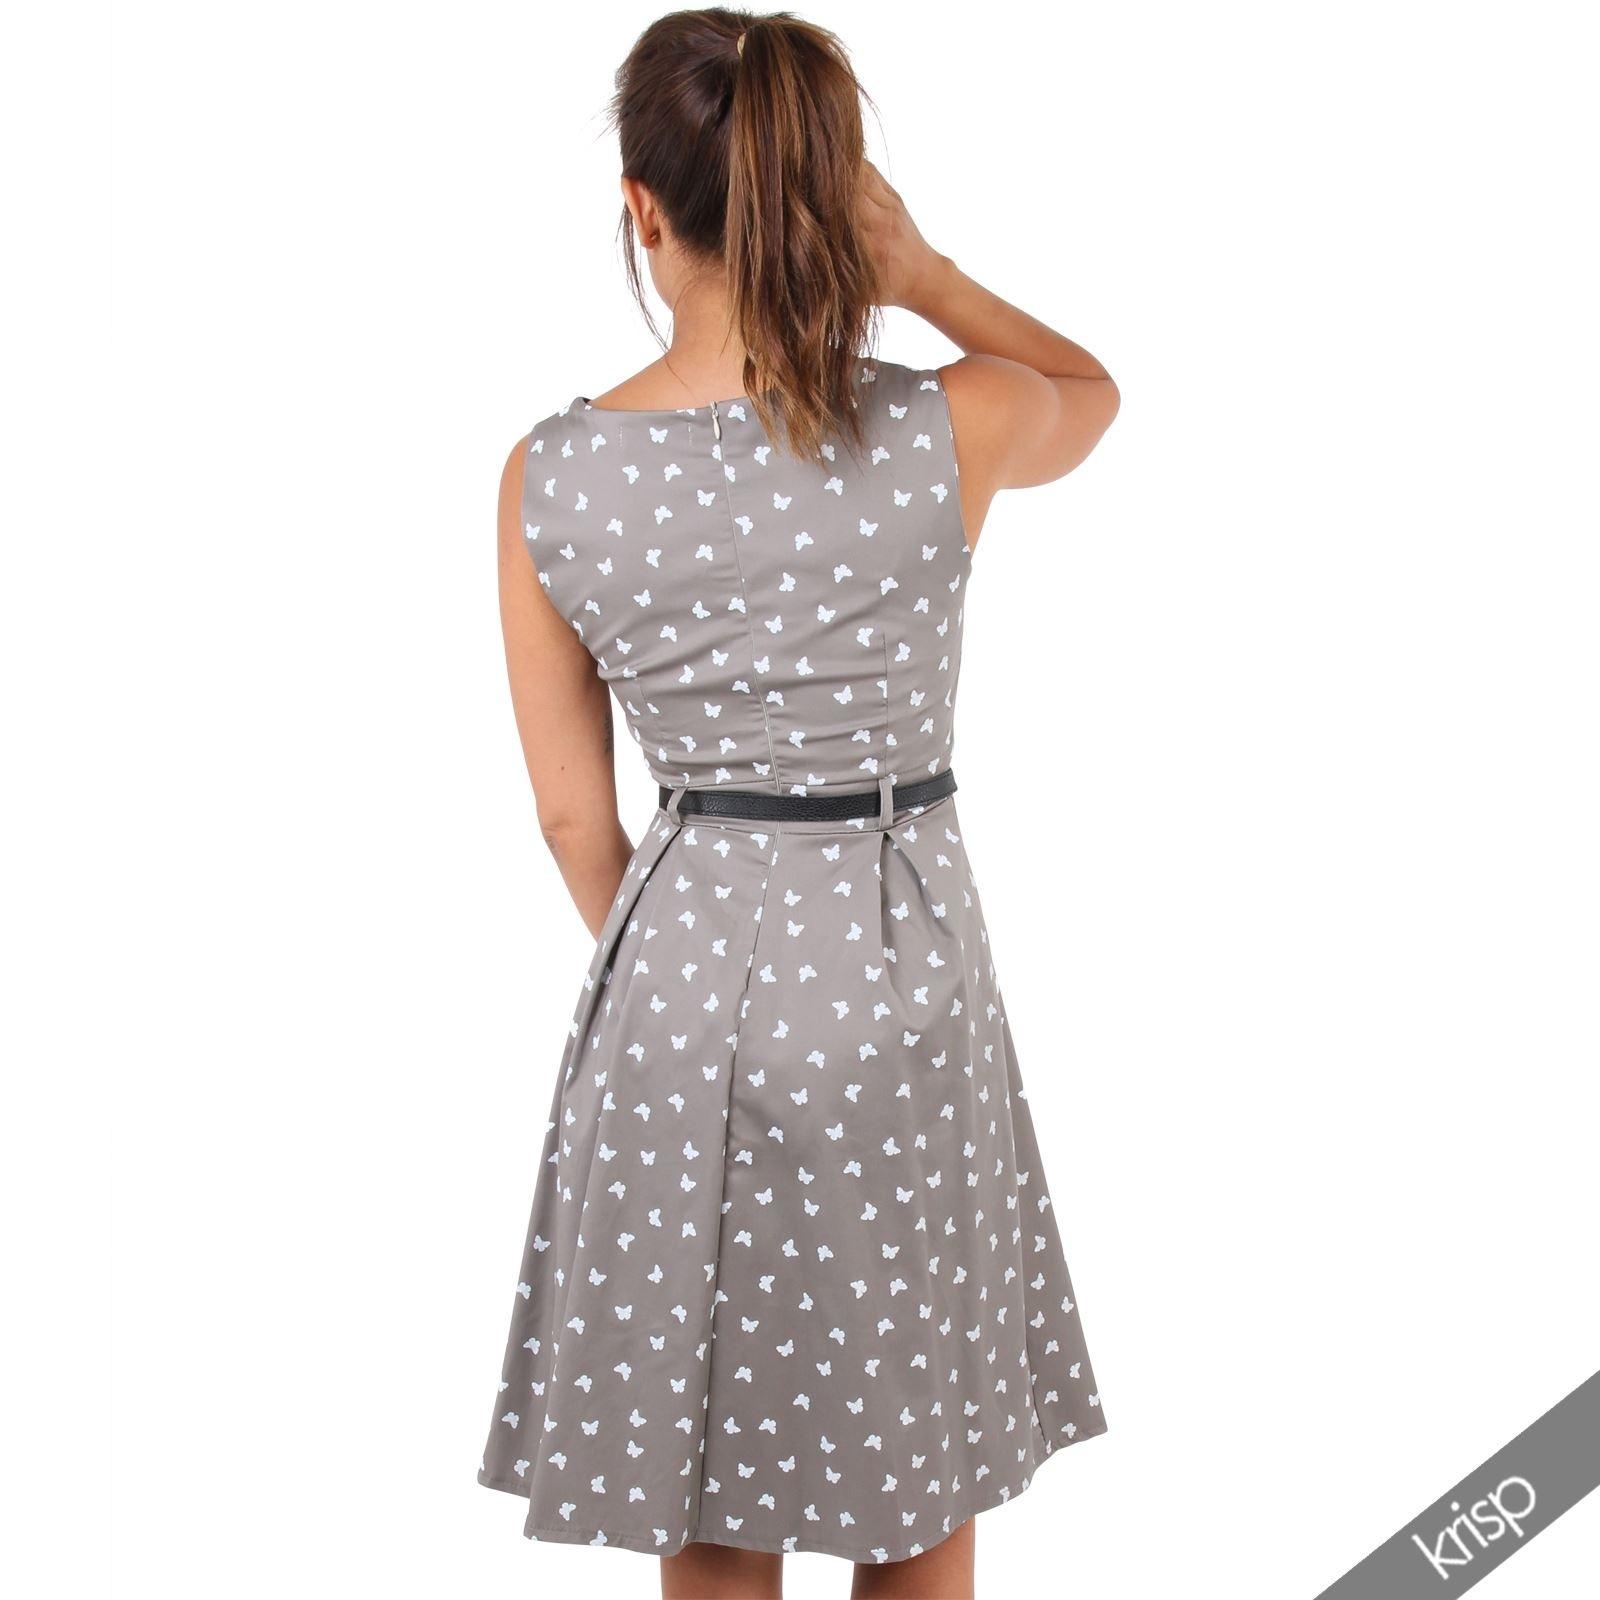 Coolste Sommerkleid 50 Design20 Ausgezeichnet Sommerkleid 50 Boutique